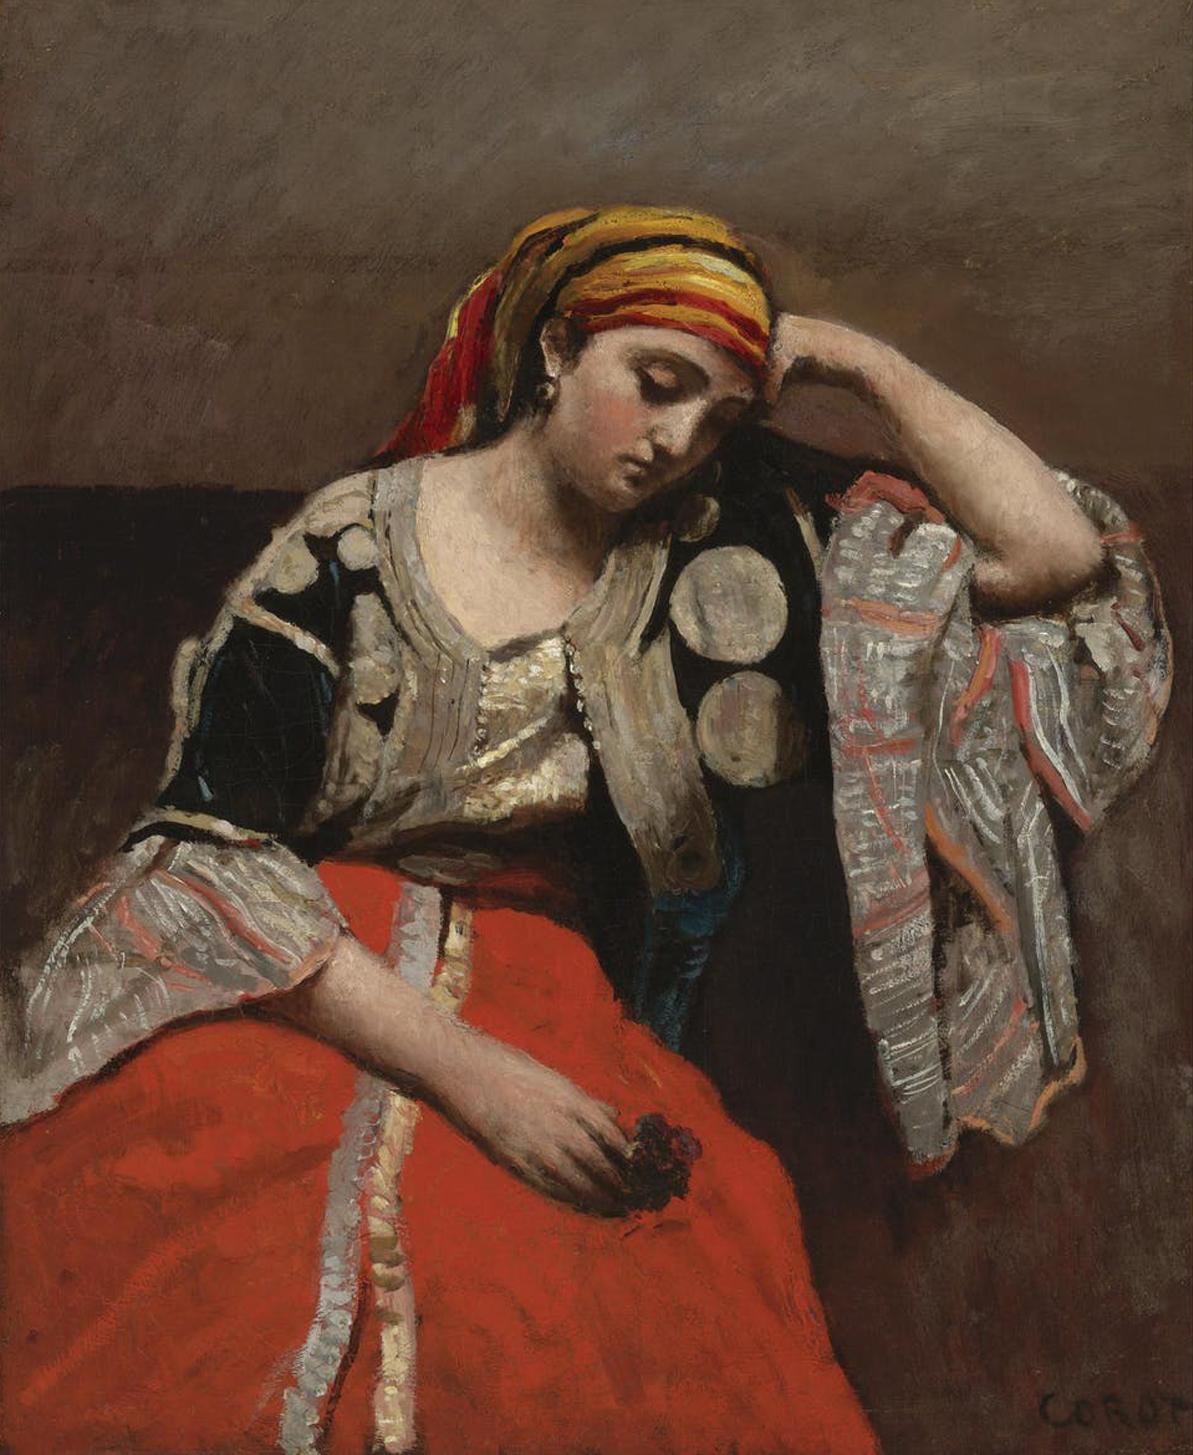 Jean-Baptiste Corot, « Juive d'Alger », huile sur toile, vers 1870